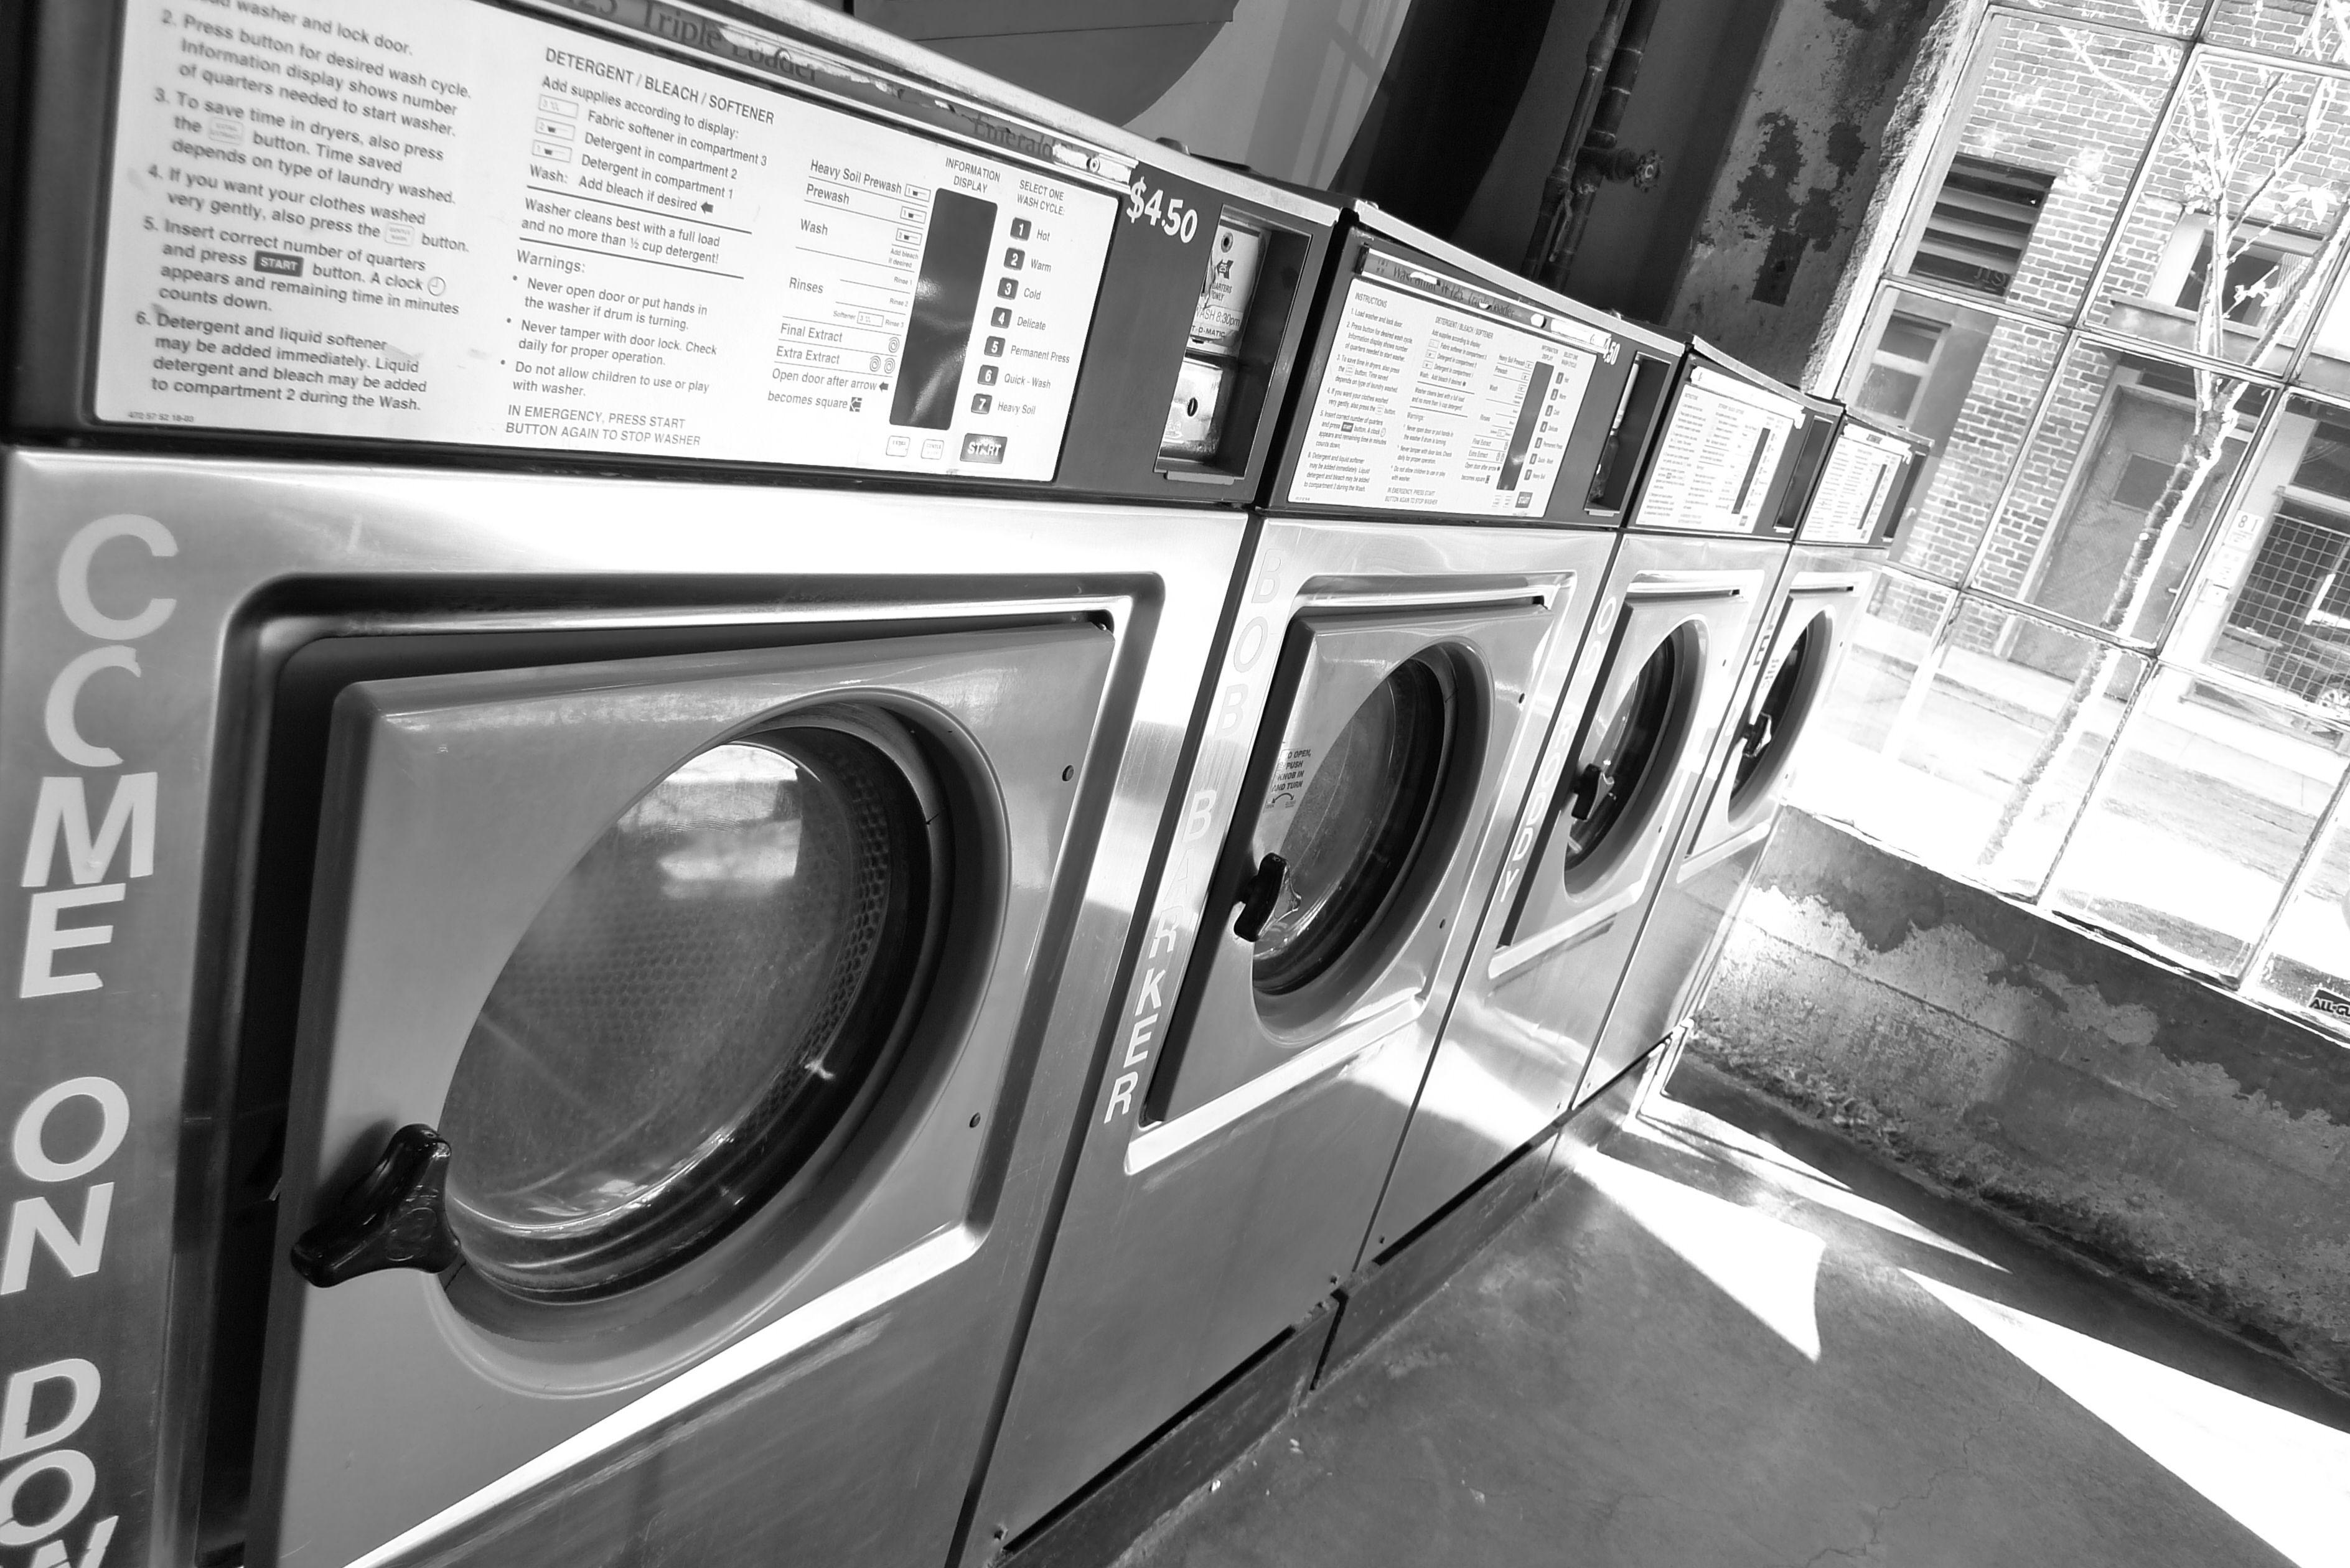 Washing Machines Braniwash Sf With Images Washing Machine